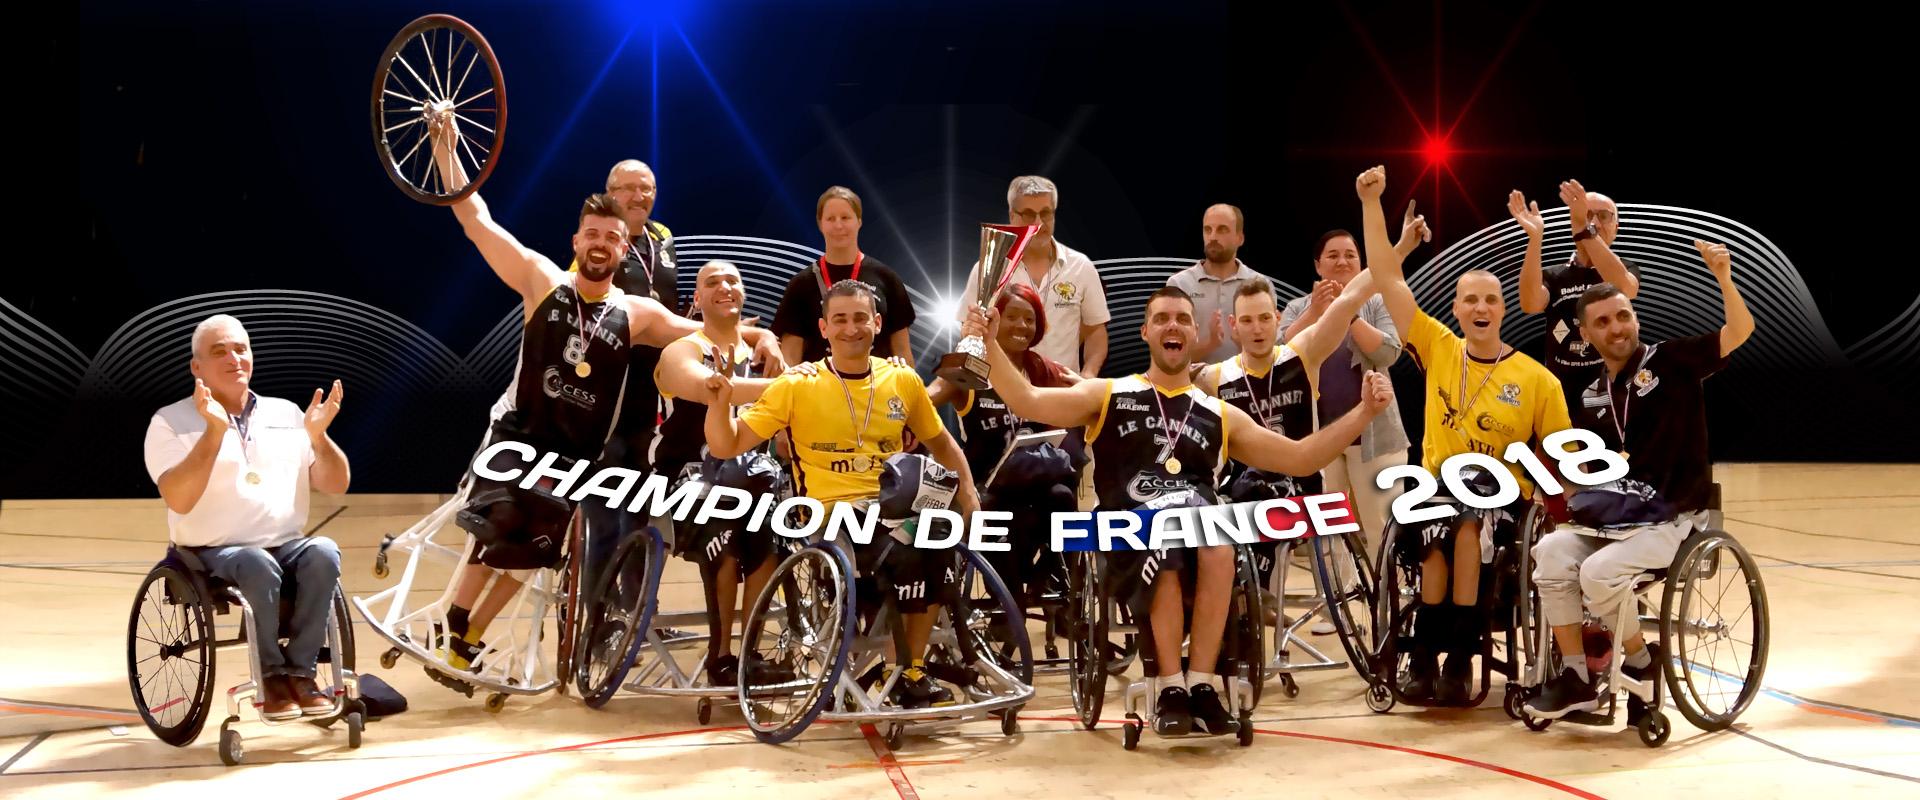 Hornets Le Cannet Champion de France 2018